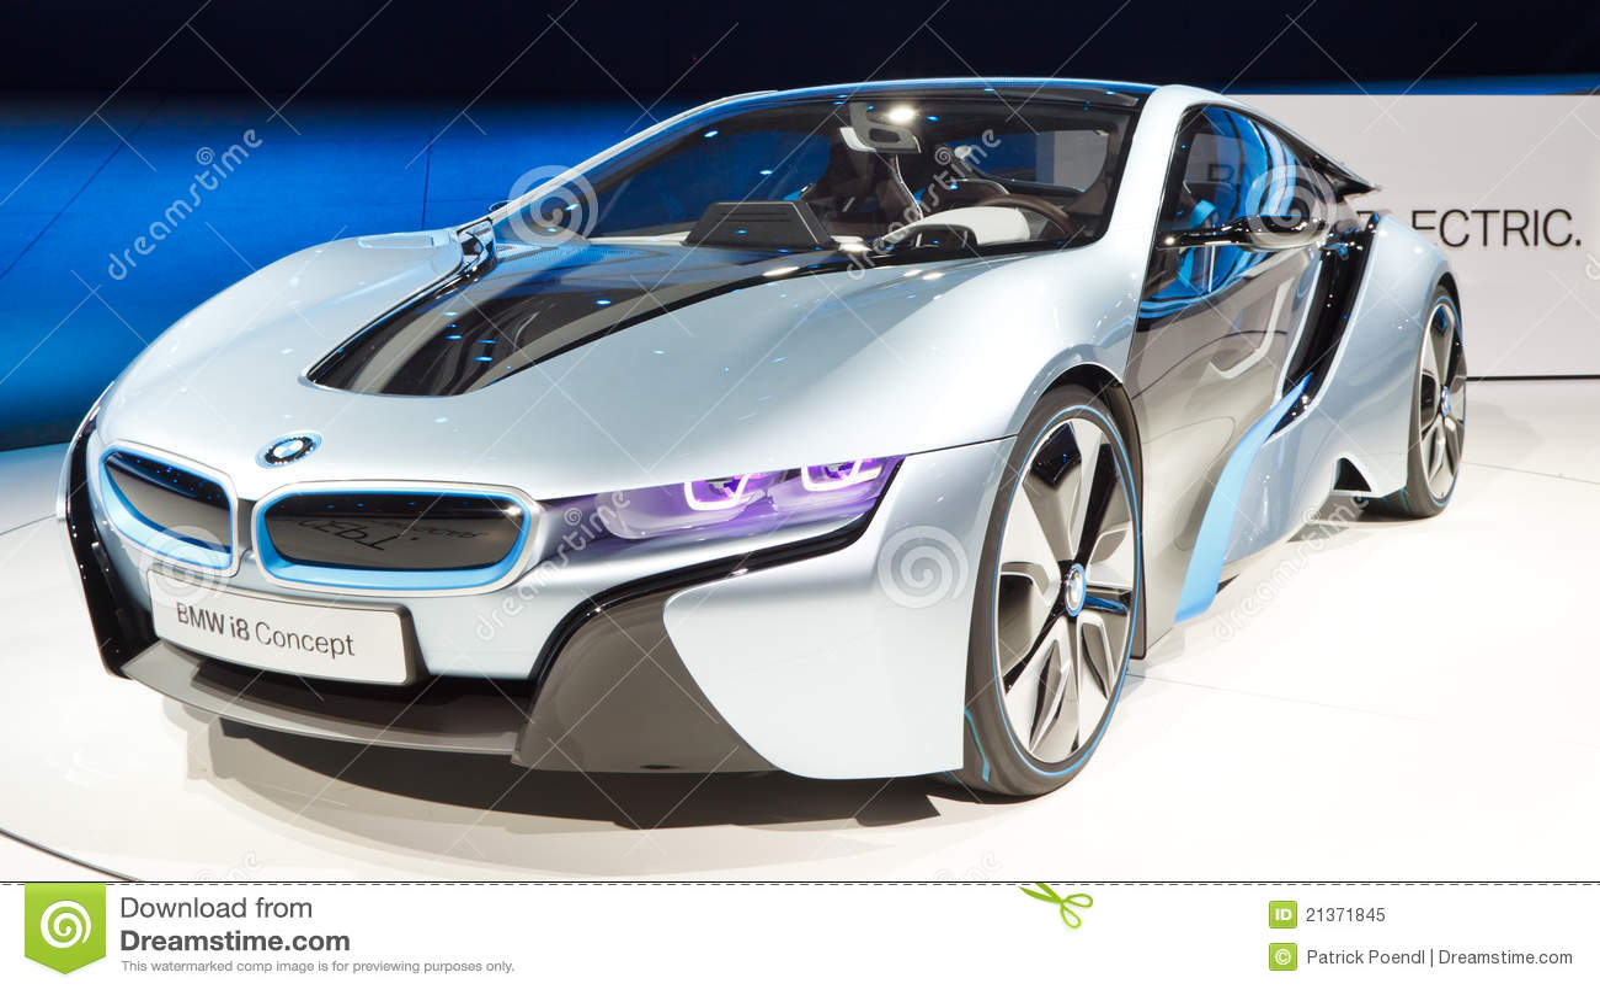 Konzept Auto Bmw I8 Redaktionelles Bild Bild Von Elektrisch 21371845